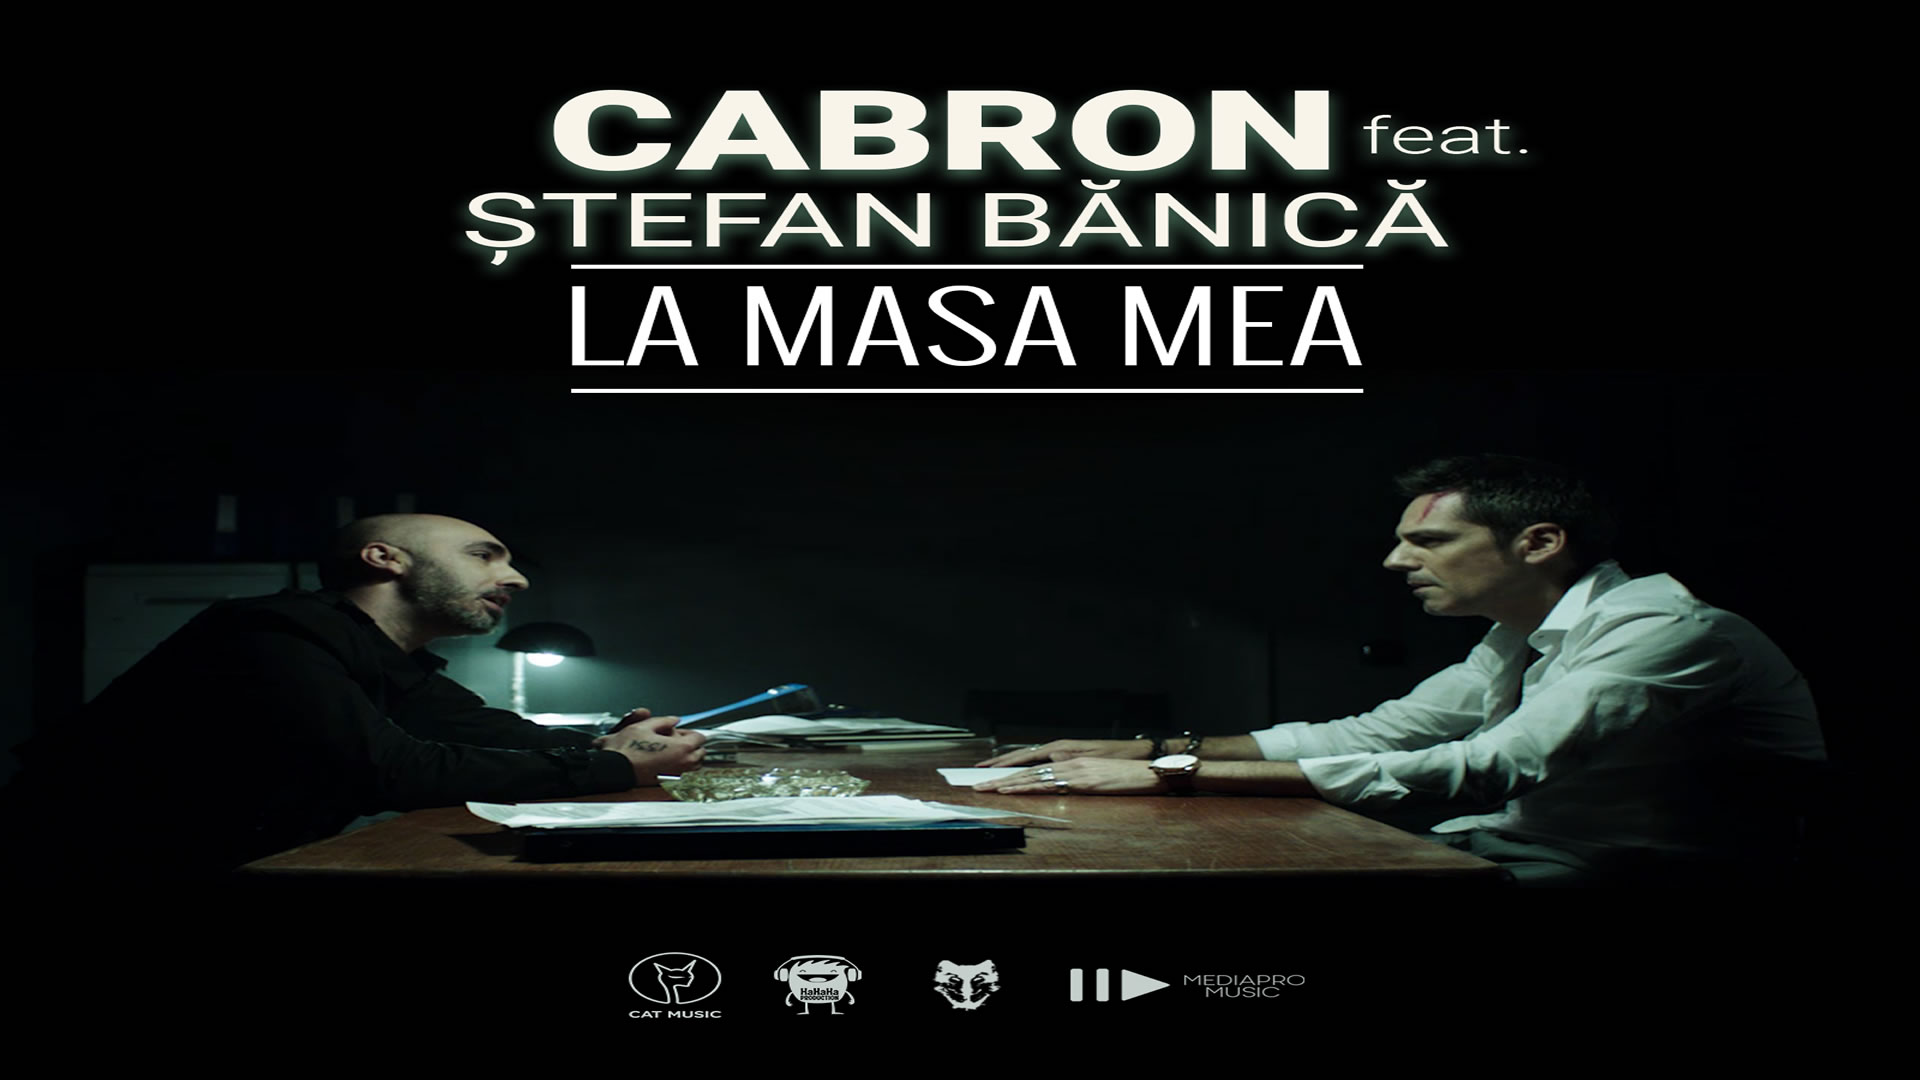 Cabron feat. Stefan Banica - La masa mea